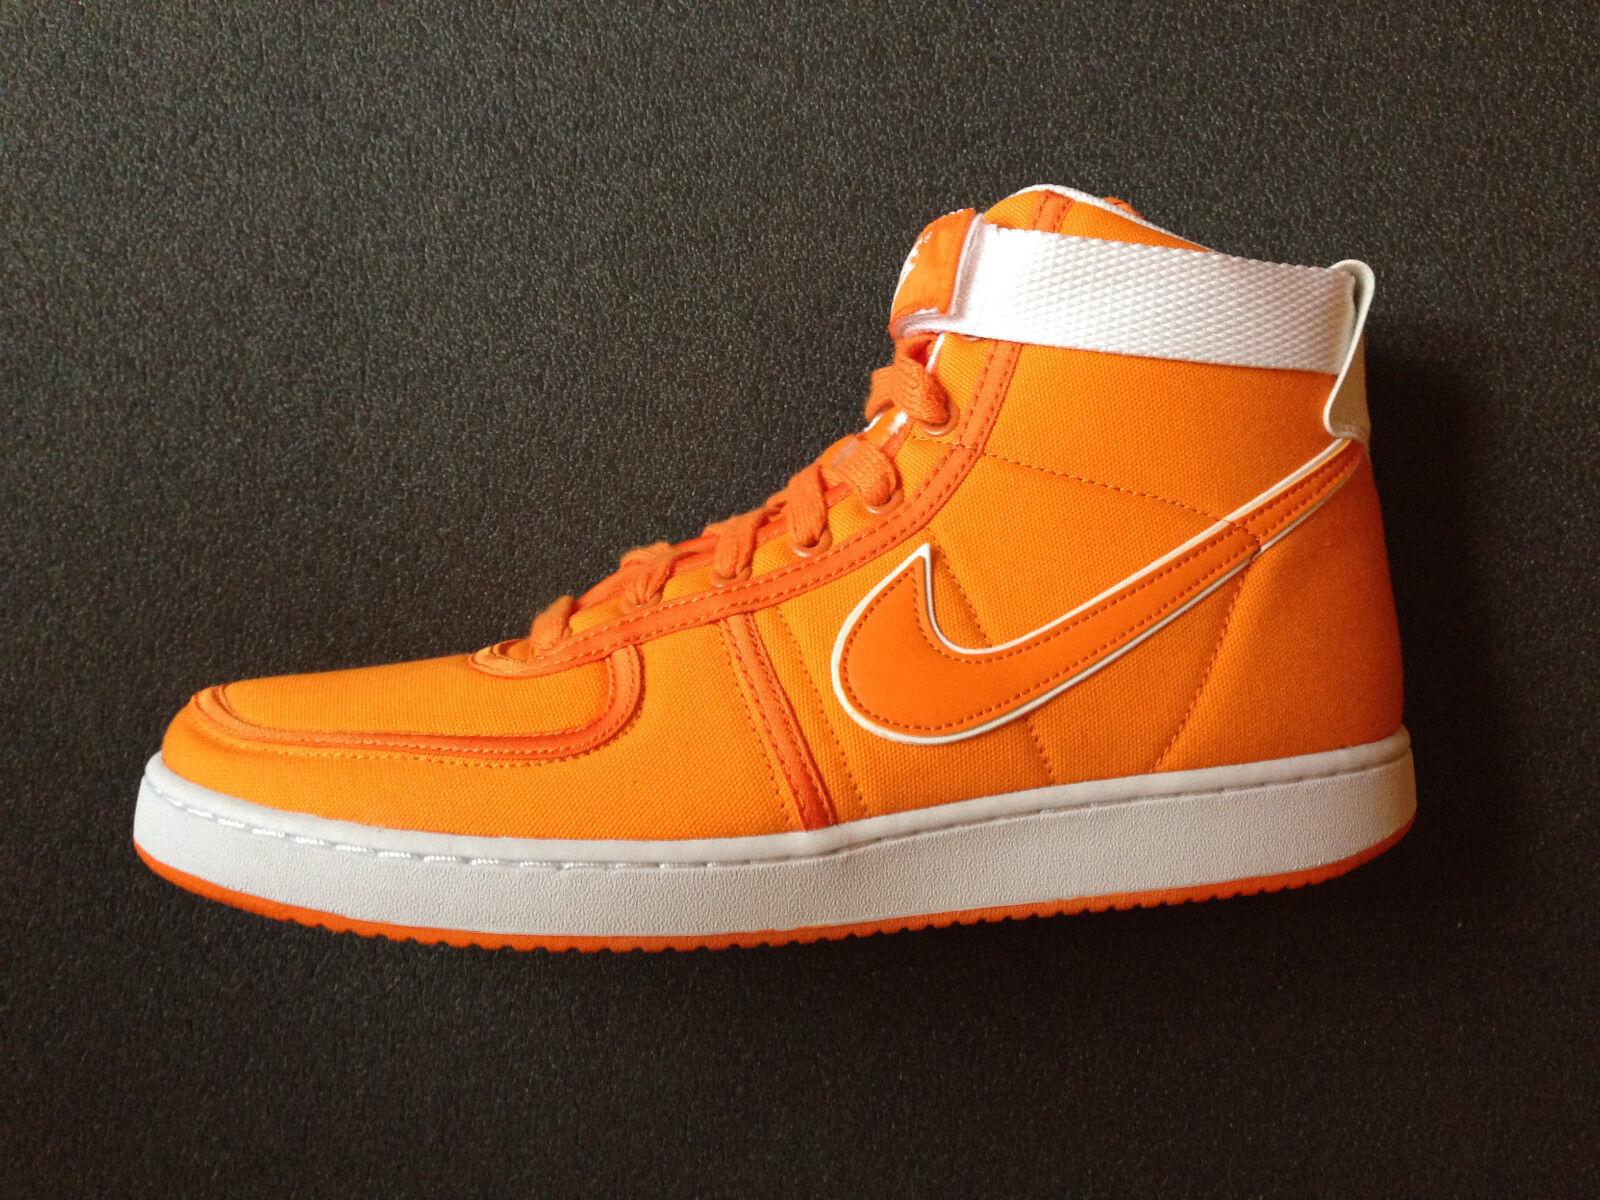 Nike Vandal x BTTF Zurück in die Zukunft Doc Brown US 11,5 UK 10,5 EU 45,5